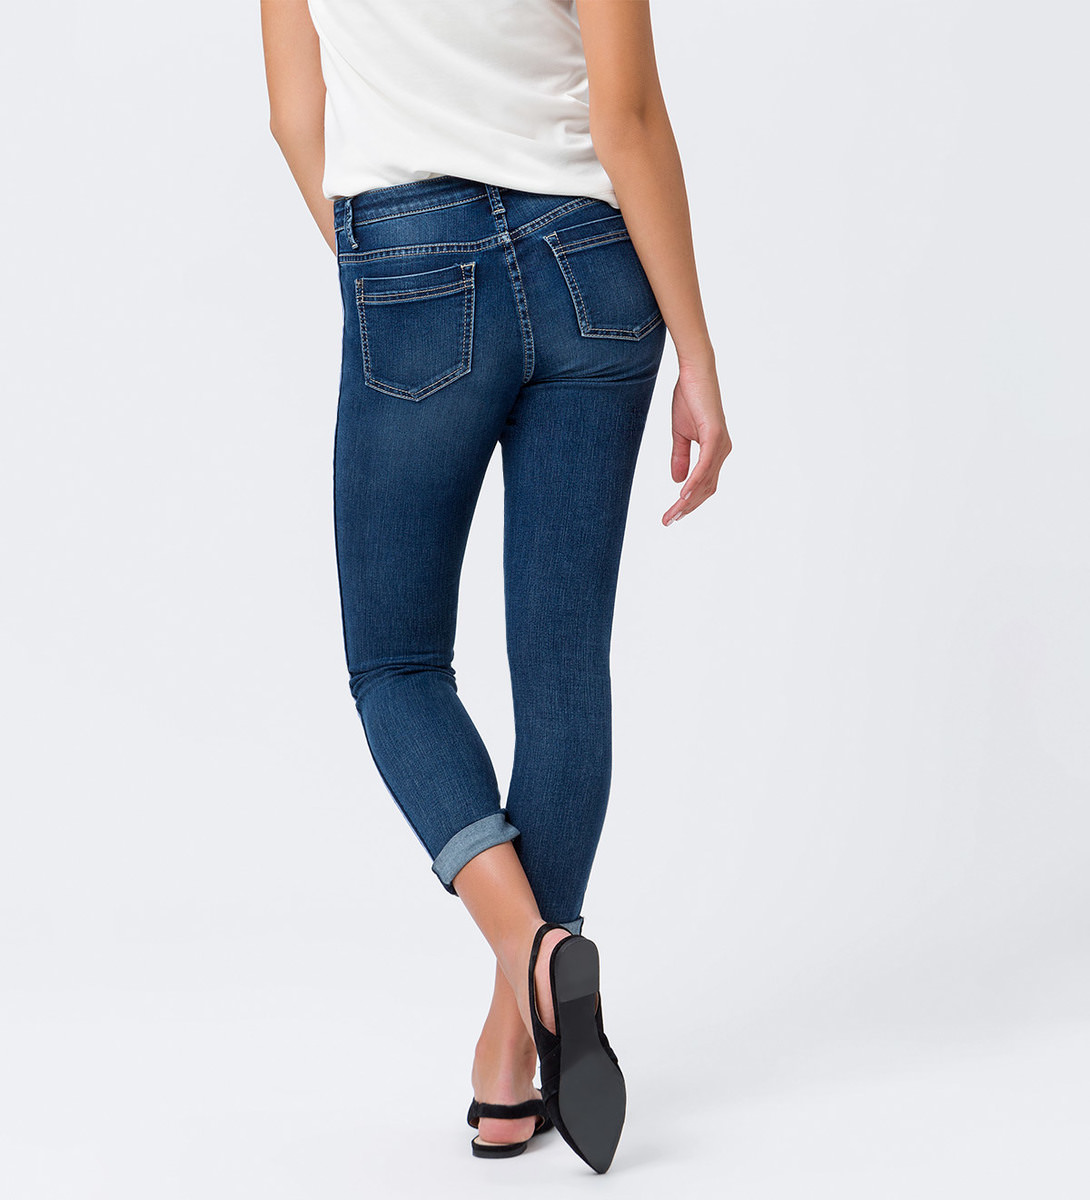 Jeans mit Streifen an den Seiten in mid blue wash